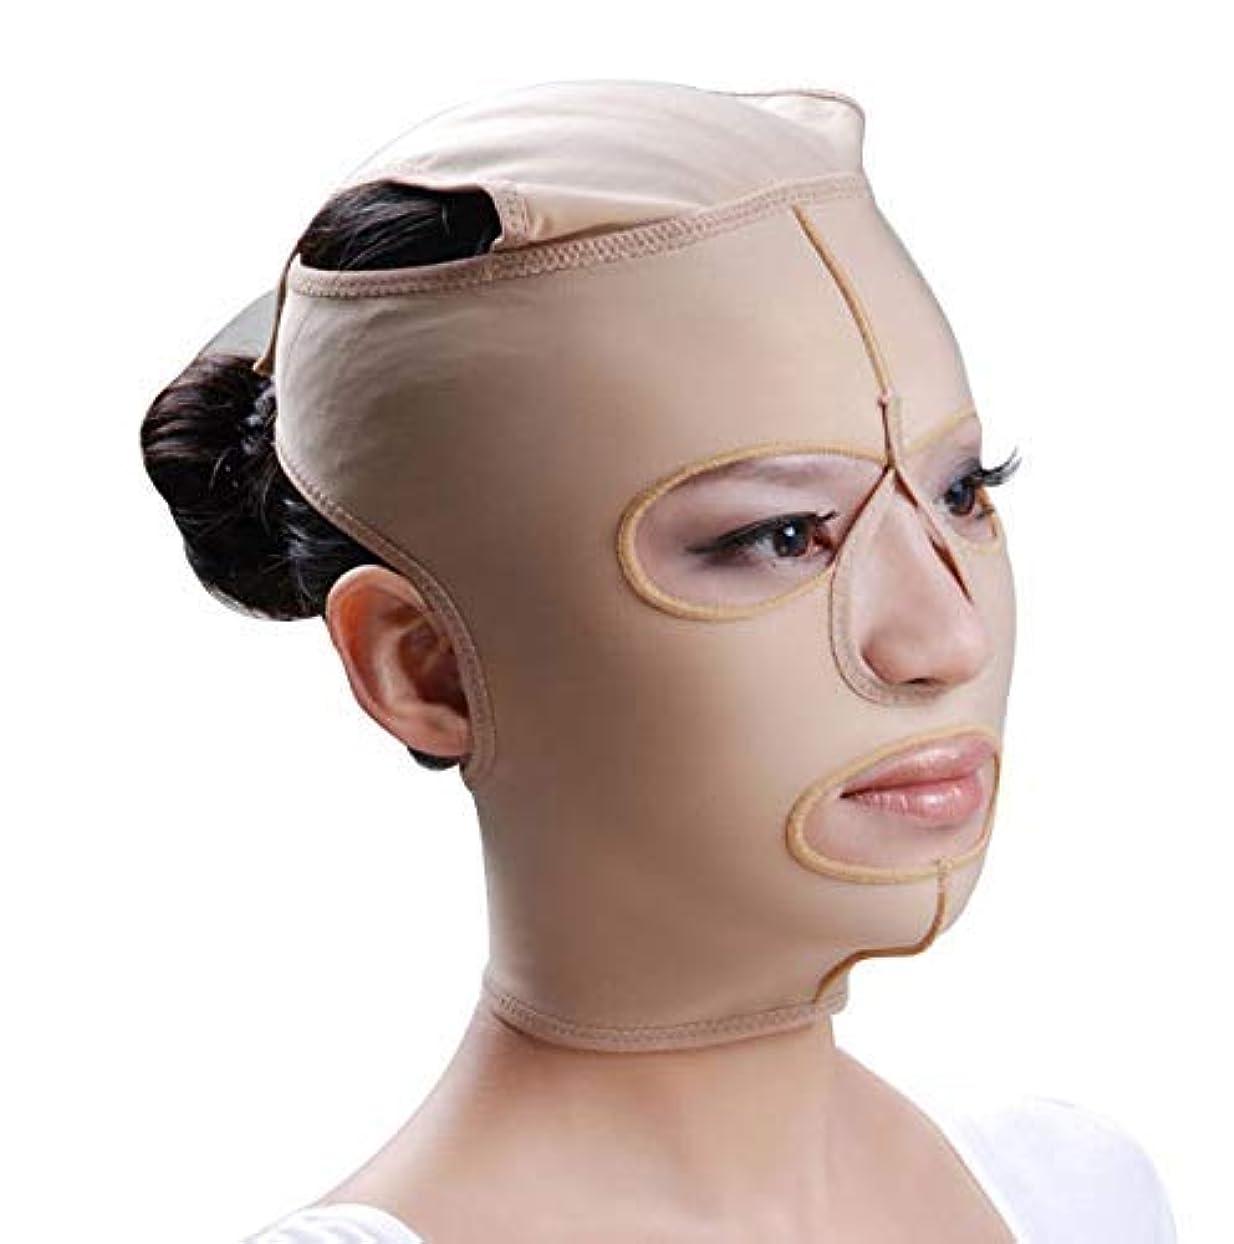 ずらすチラチラする避けるファーミングフェイスマスク、フェイシャルマスクエラスティックフェイスリフティングリフティングファーミングパターンマイクロフィニッシングポストモデリングコンプレッションフェイスマスク(サイズ:S),Xl